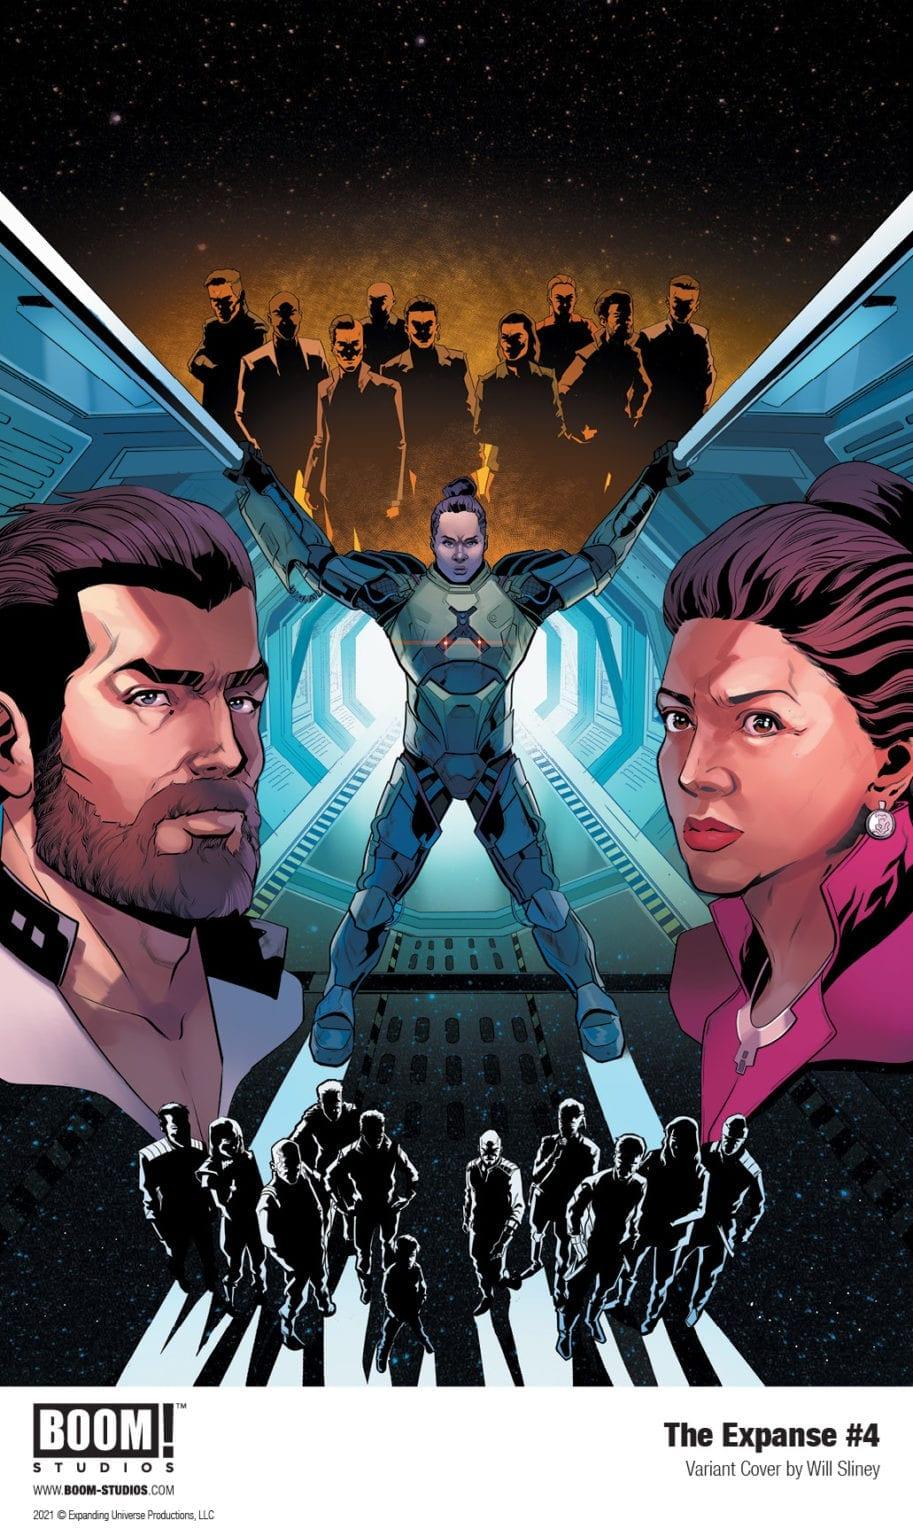 """Bobbie Draper et Chrisjen Avasarala font face à une dernière menace dans l'apogée de Boom!  Studios ' """"L'étendue # 4."""""""